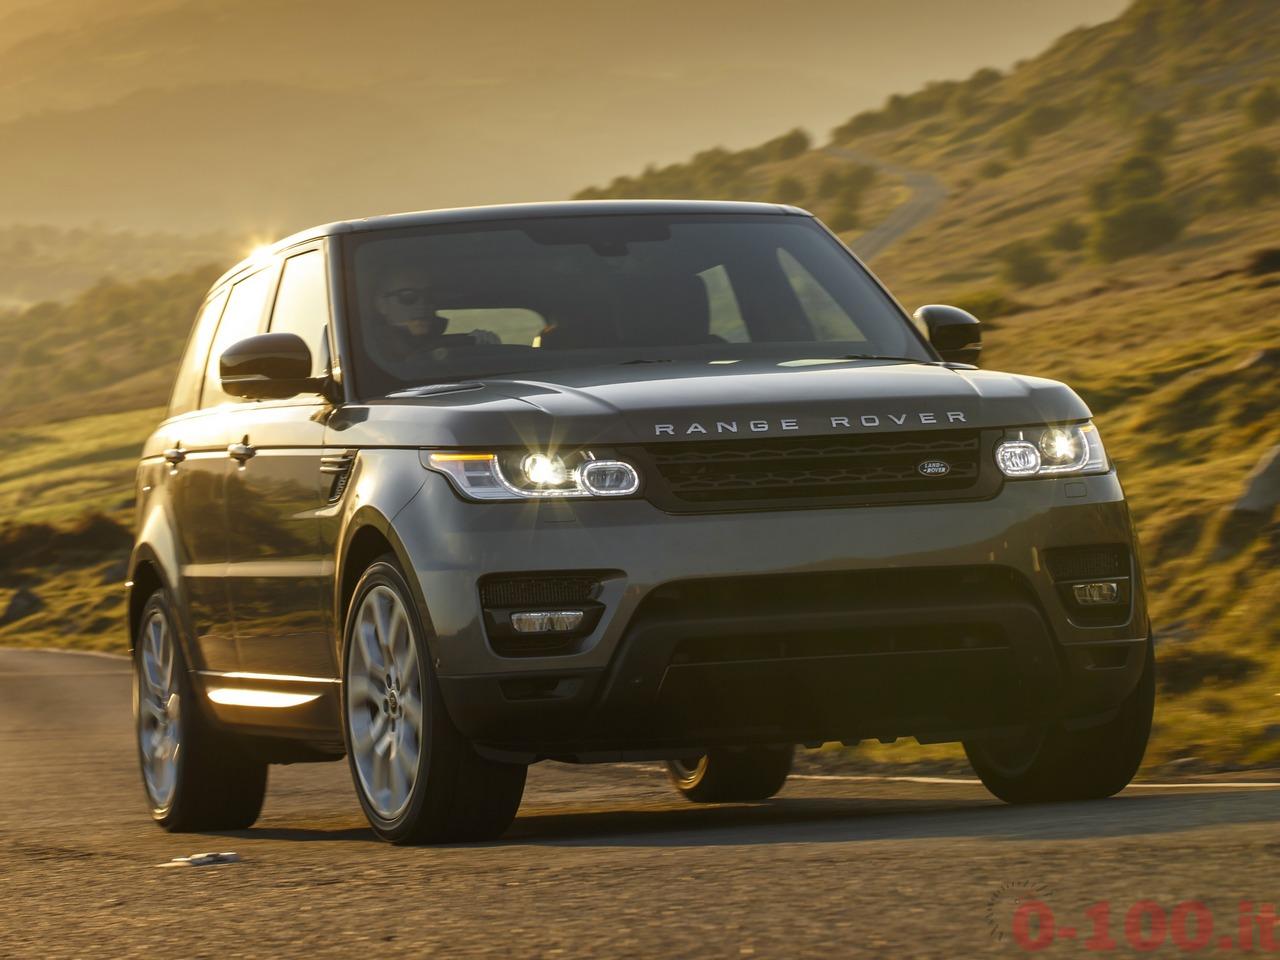 range-rover-e-range-rover-sport-model-year-2015-0-100_2